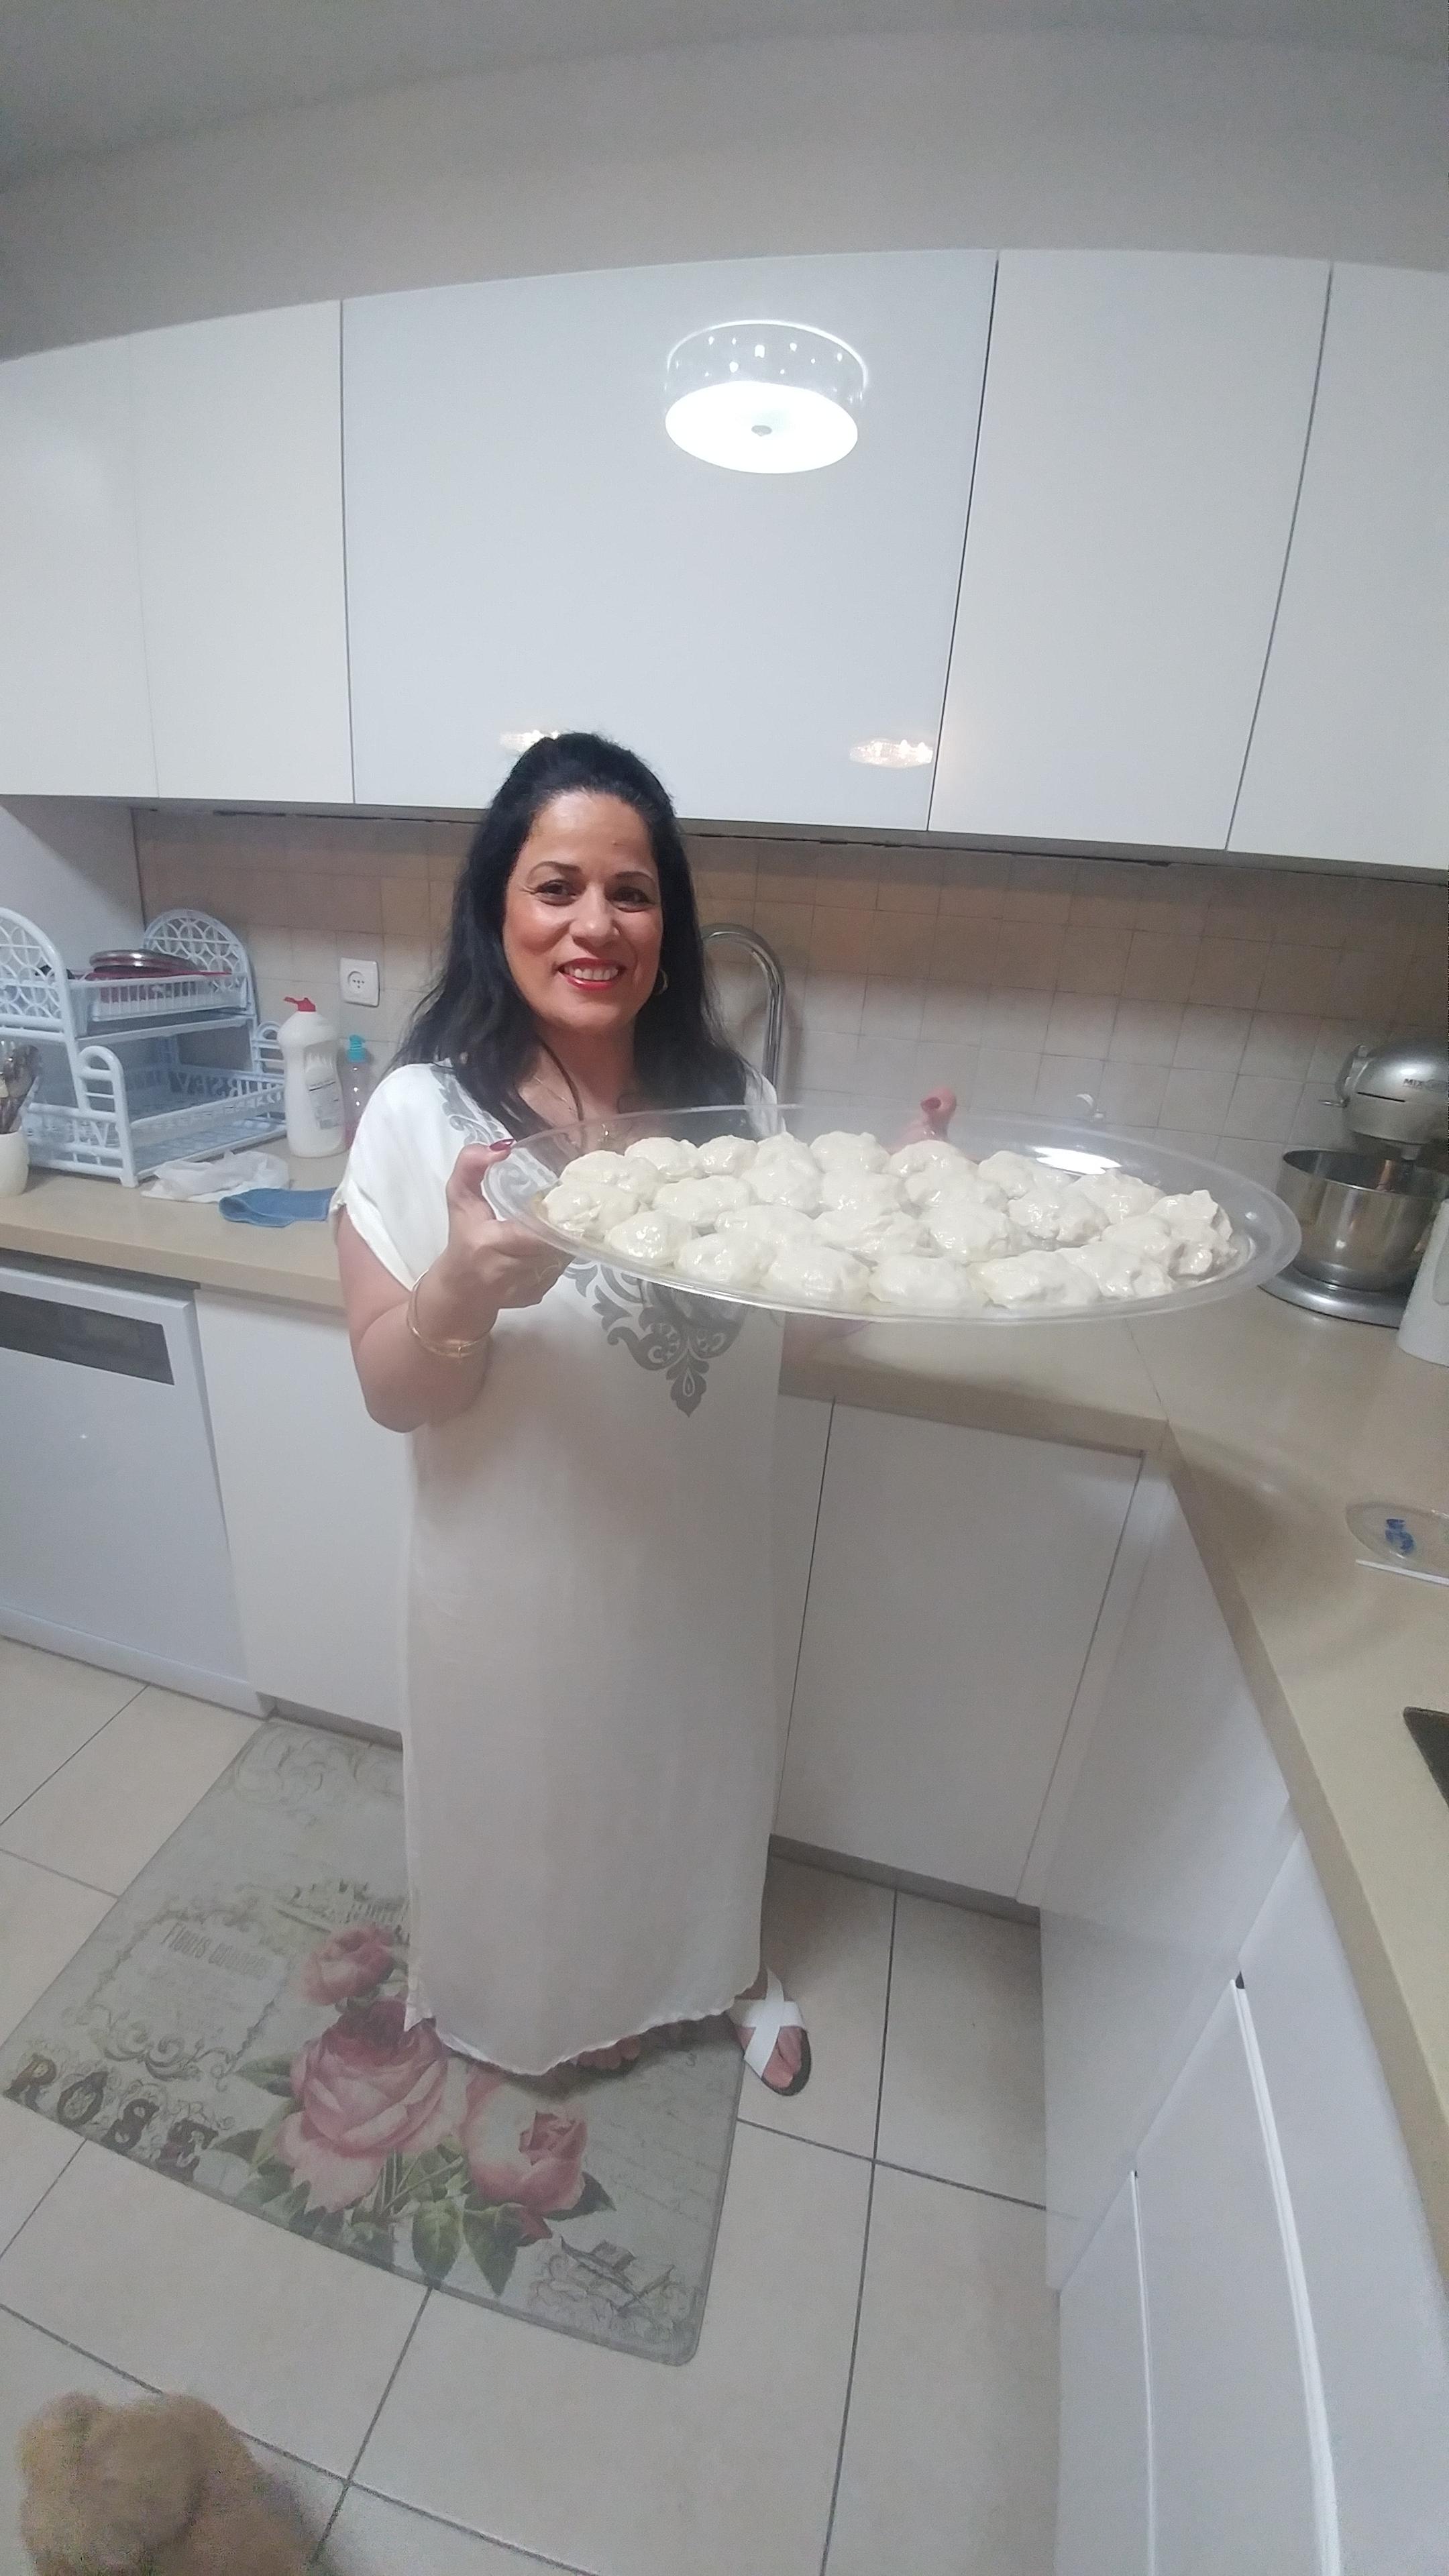 לא למרוקאיים בלבד... משפחת סרוסי חוגגת מימונה מסורתית ושמחה